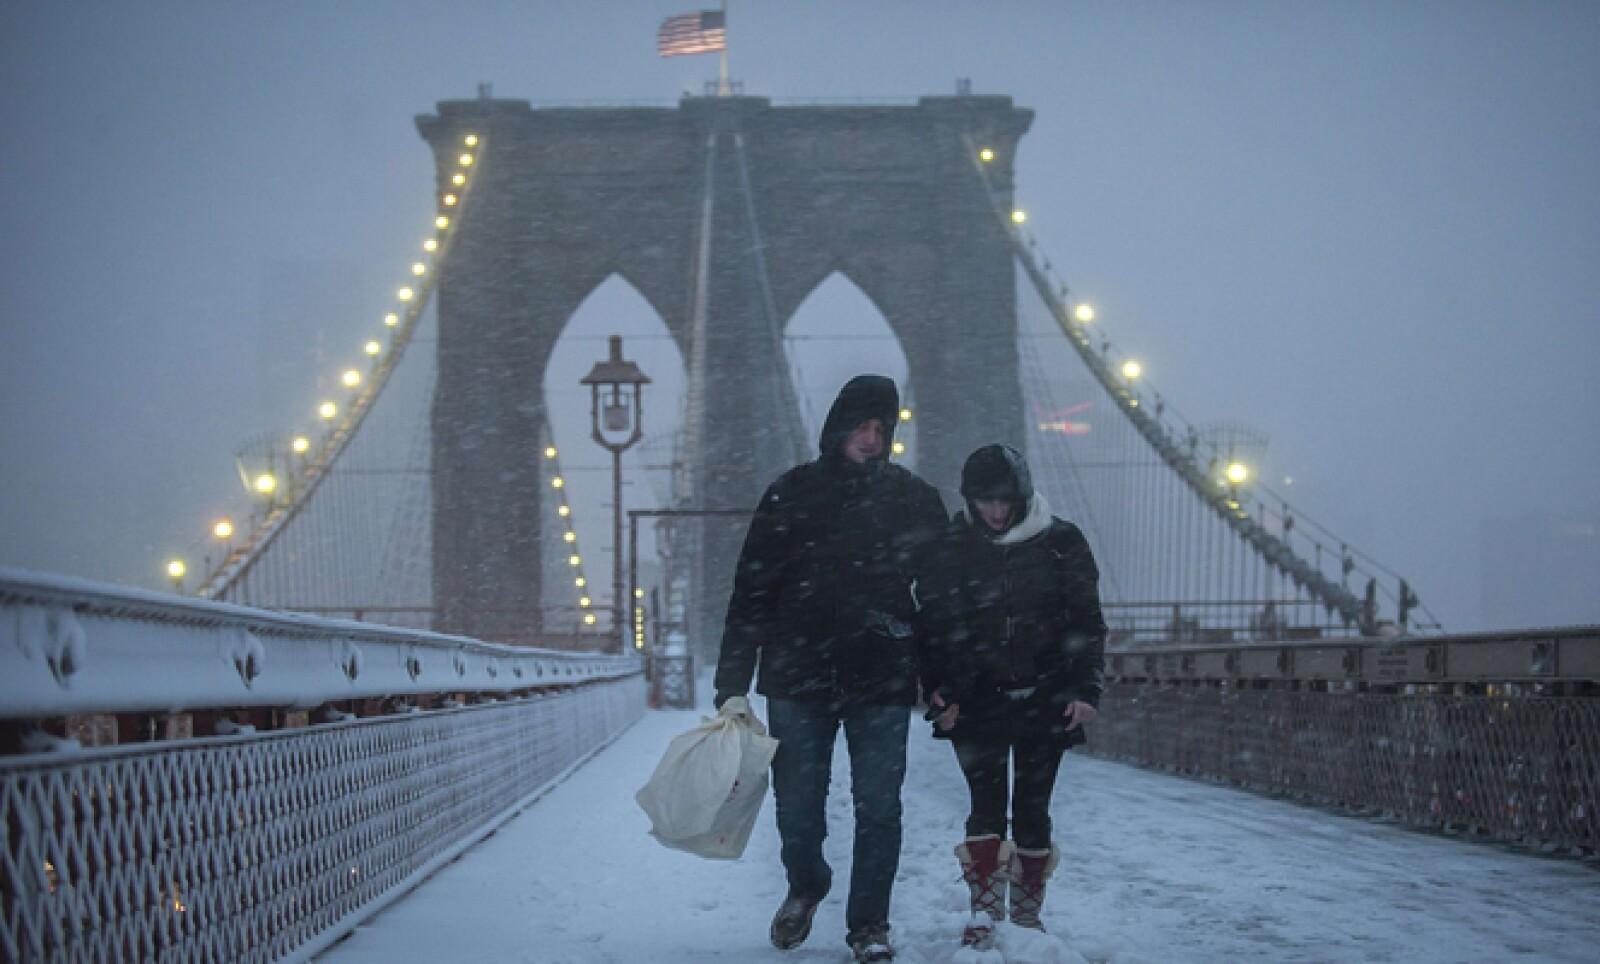 Una pareja se abre paso en el Puente Blooklyn de Nueva York.